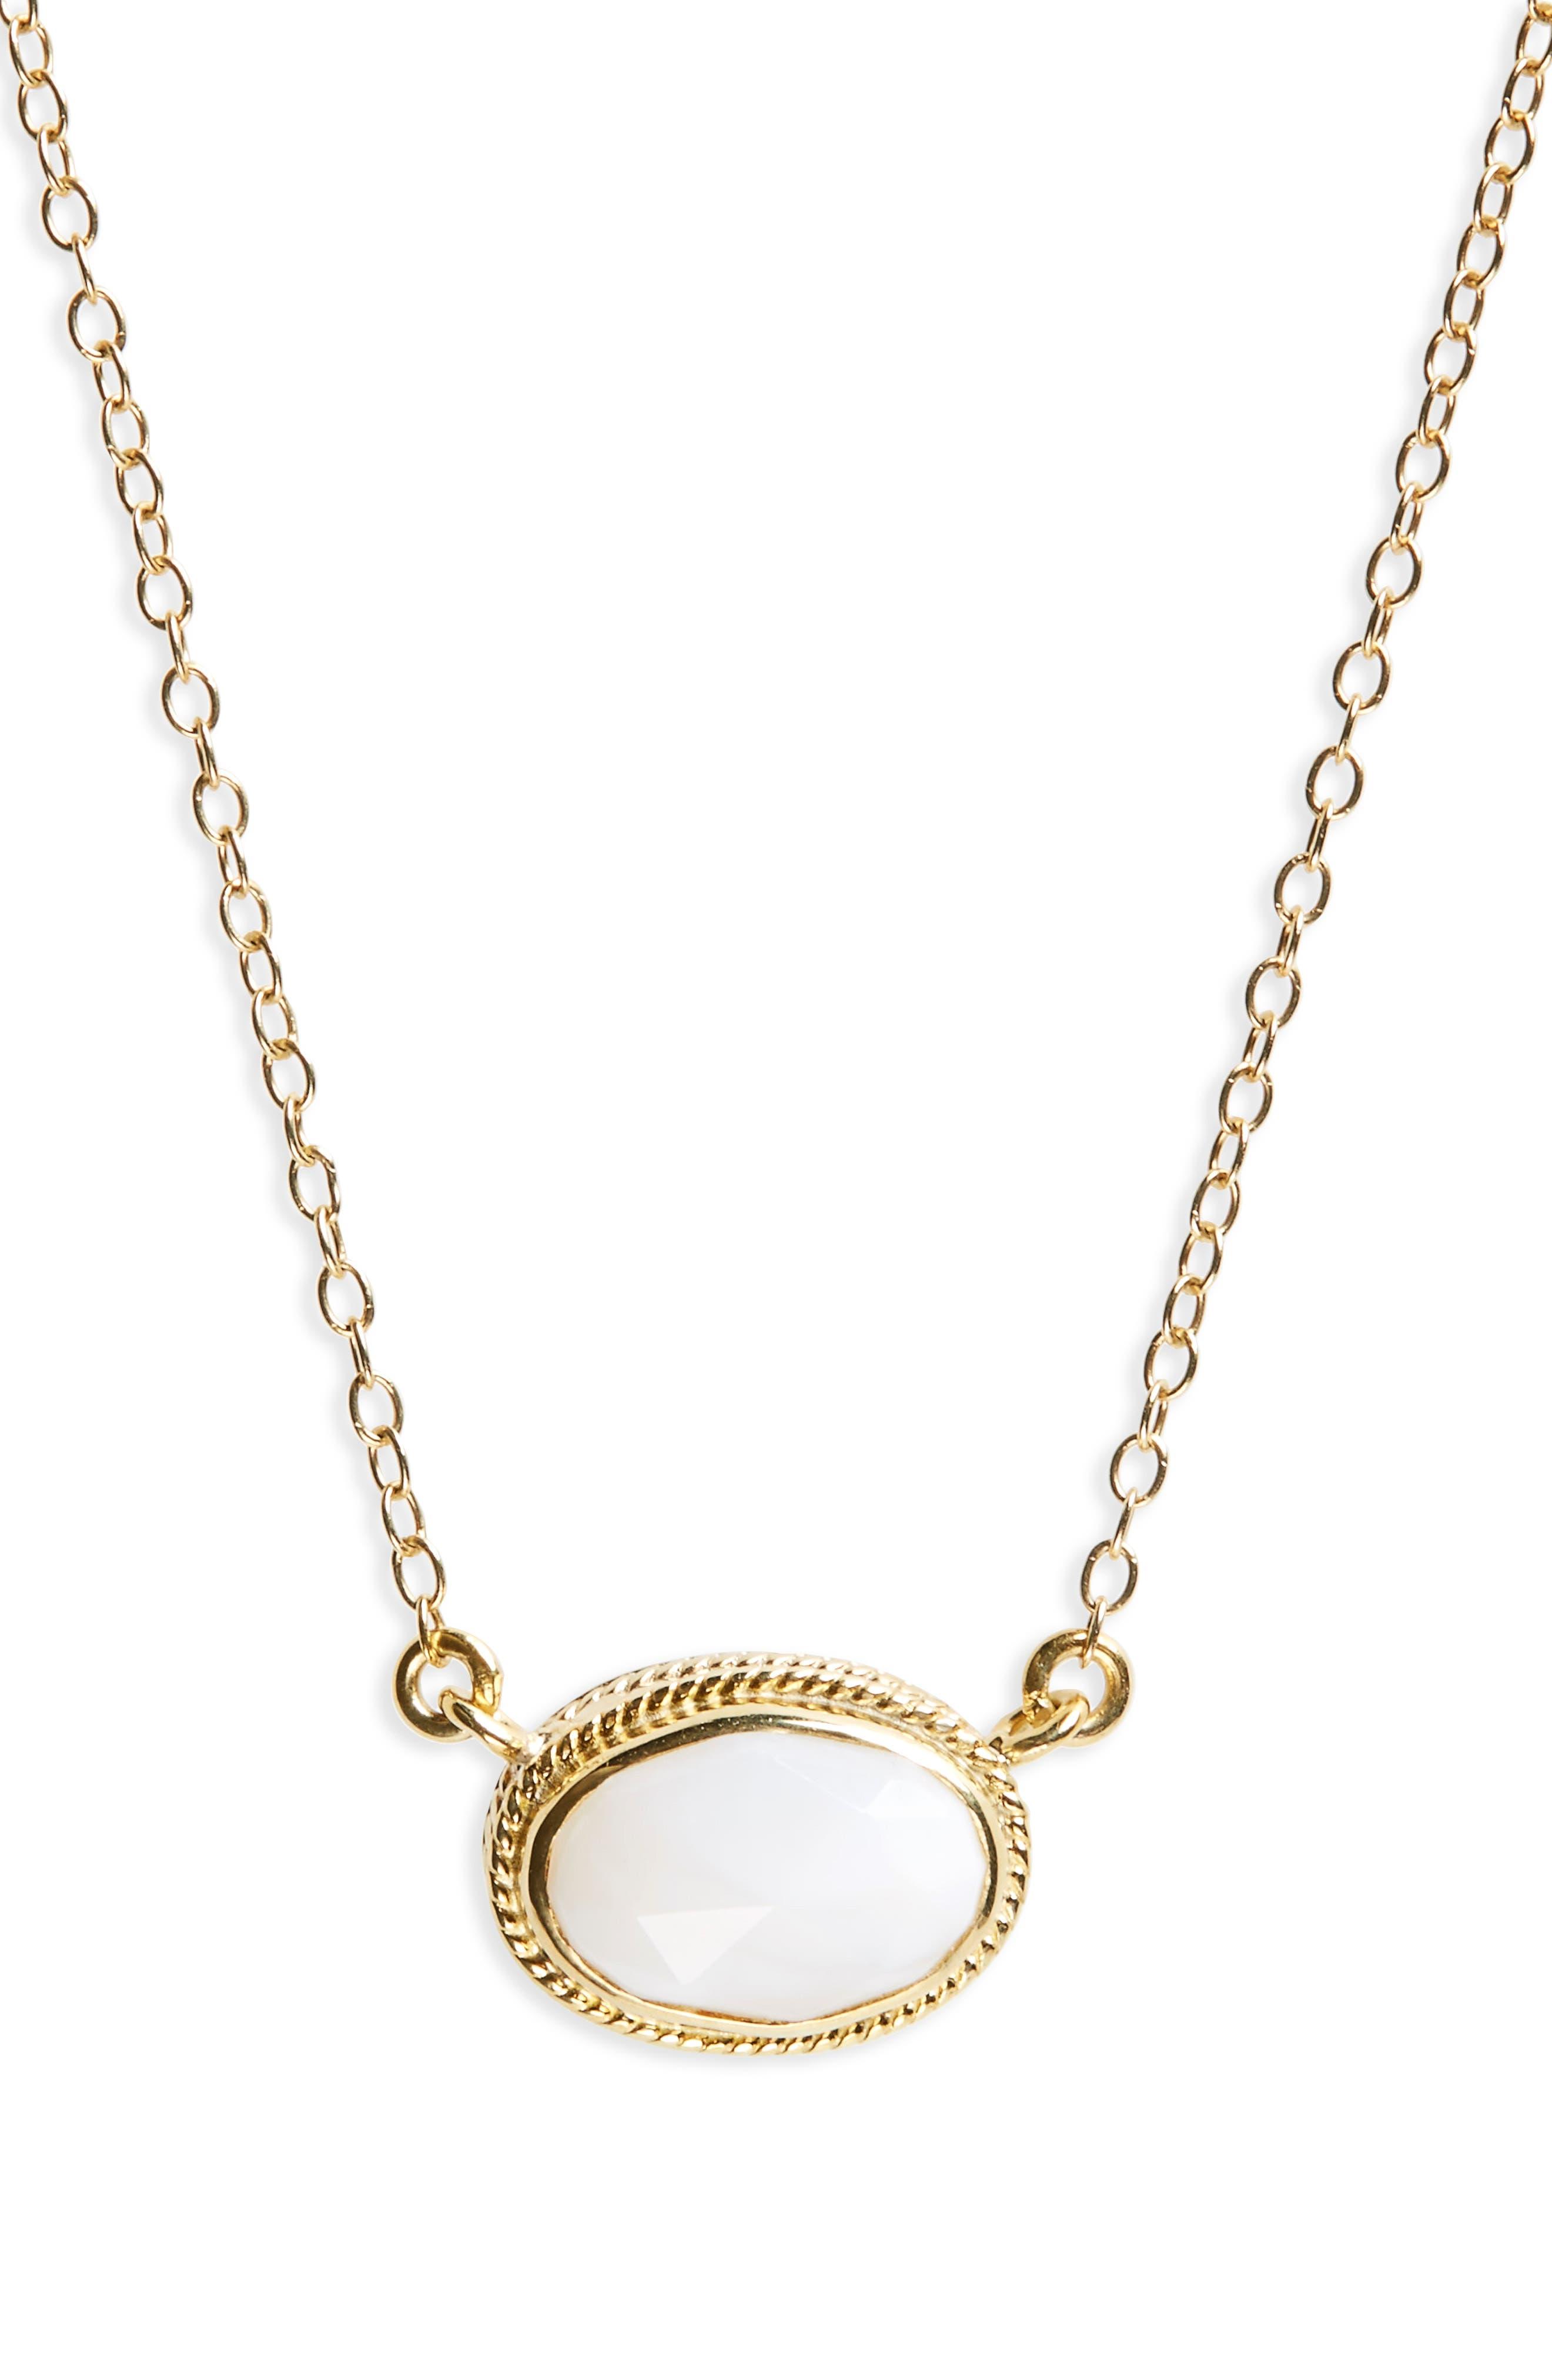 White Opal Pendant Necklace,                             Main thumbnail 1, color,                             710